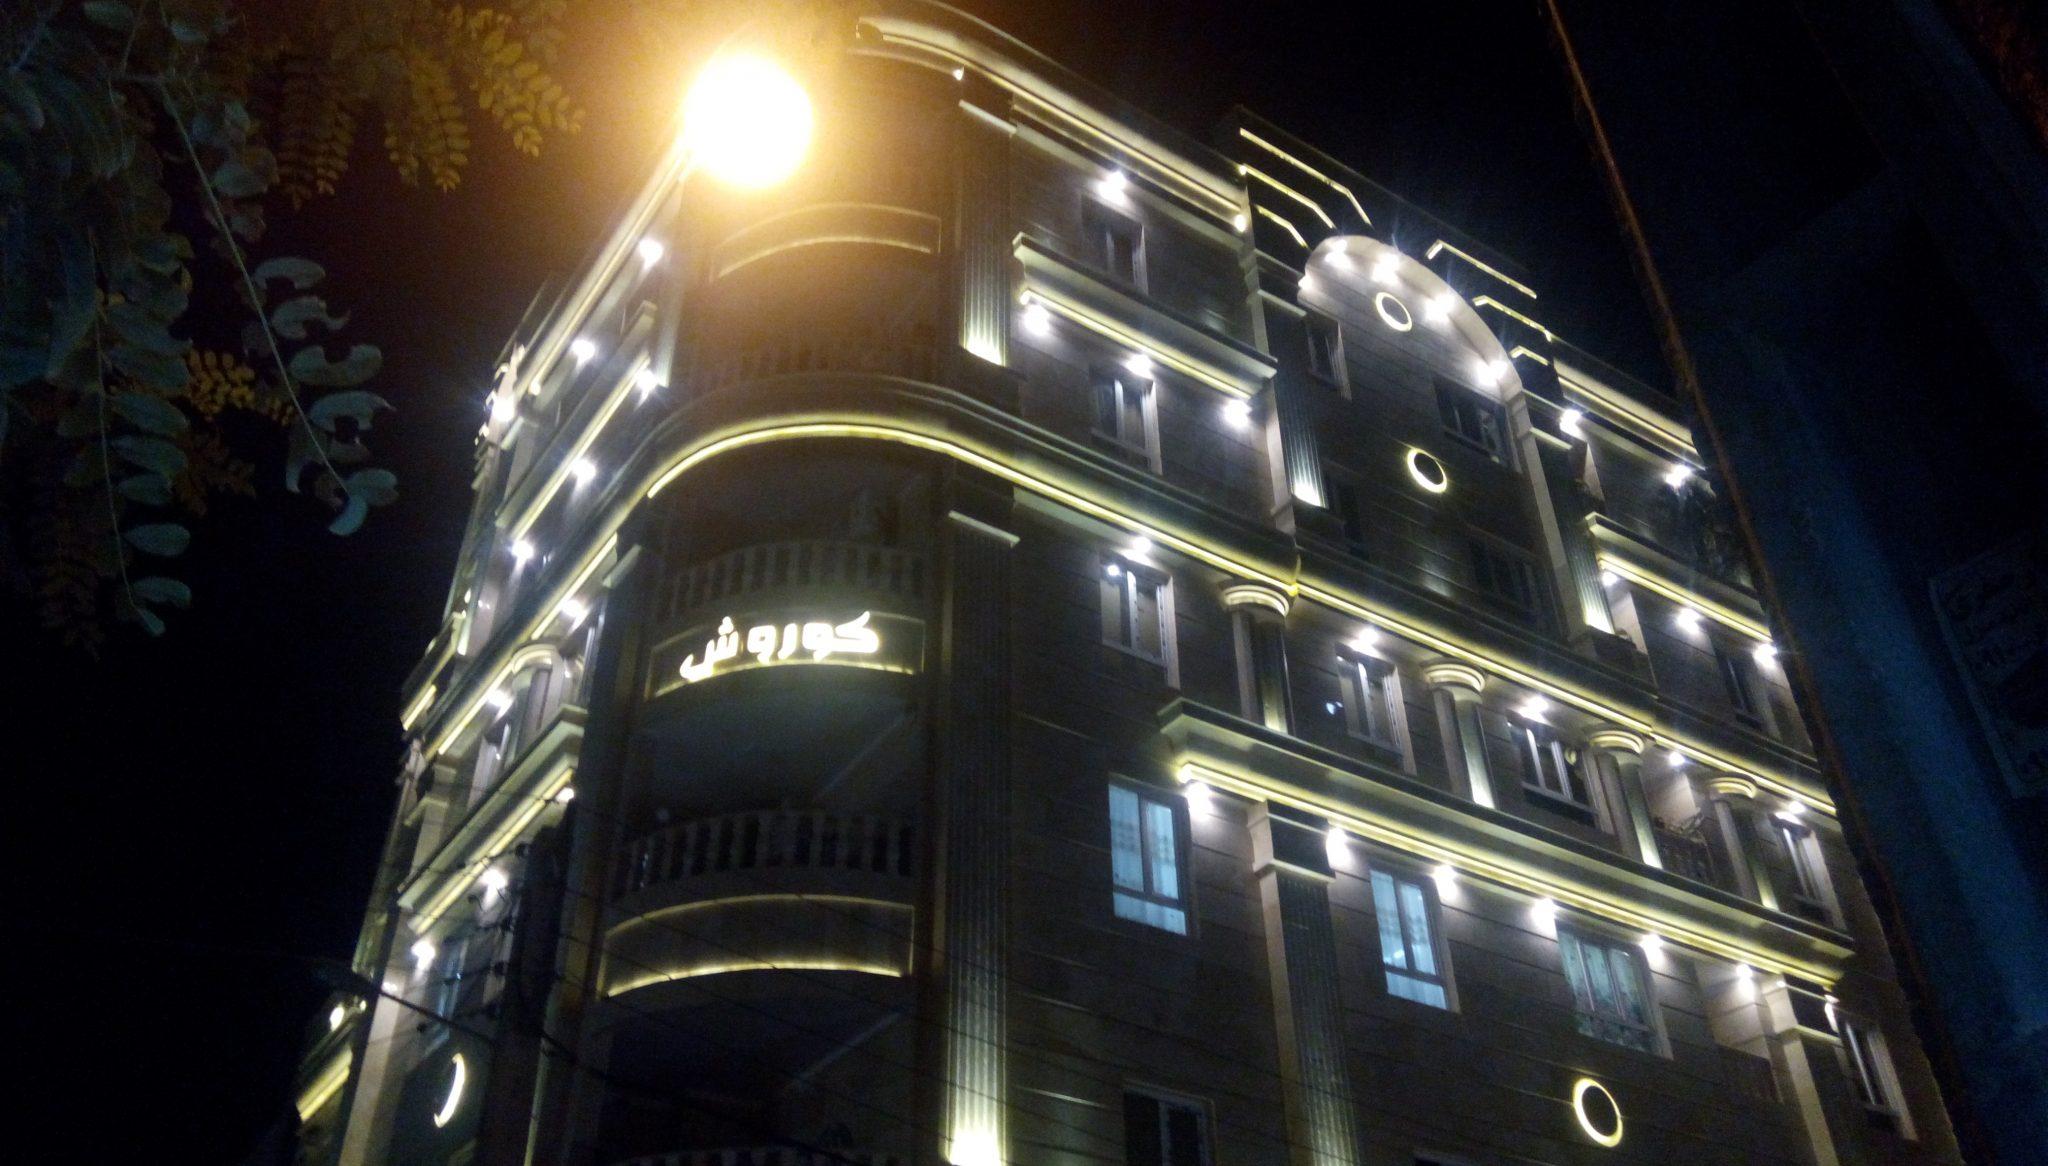 پیچ و رولپلاک نما تهران راپل بر آن است که خدمات نورپردازی خود را در تمام نقاط تهران و کرج ارائه دهد. نورپردازی نما جلوه بسیار زیبای به نما در شب می دهد.